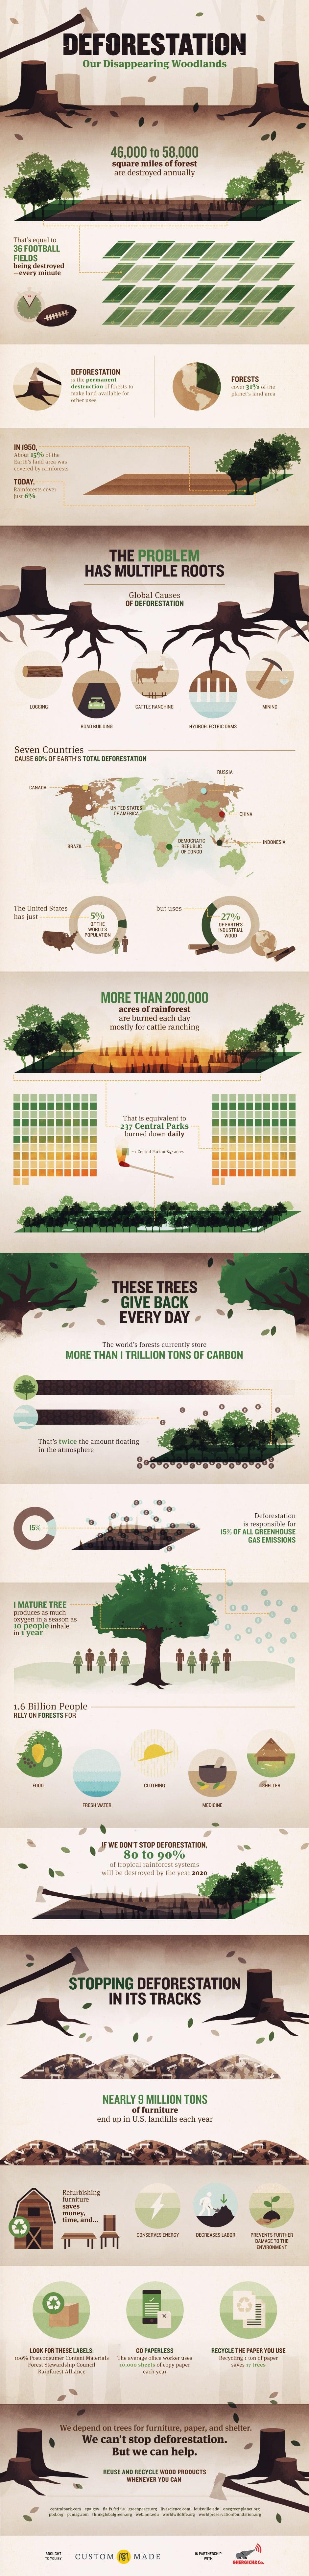 custom-made-deforestation.jpg